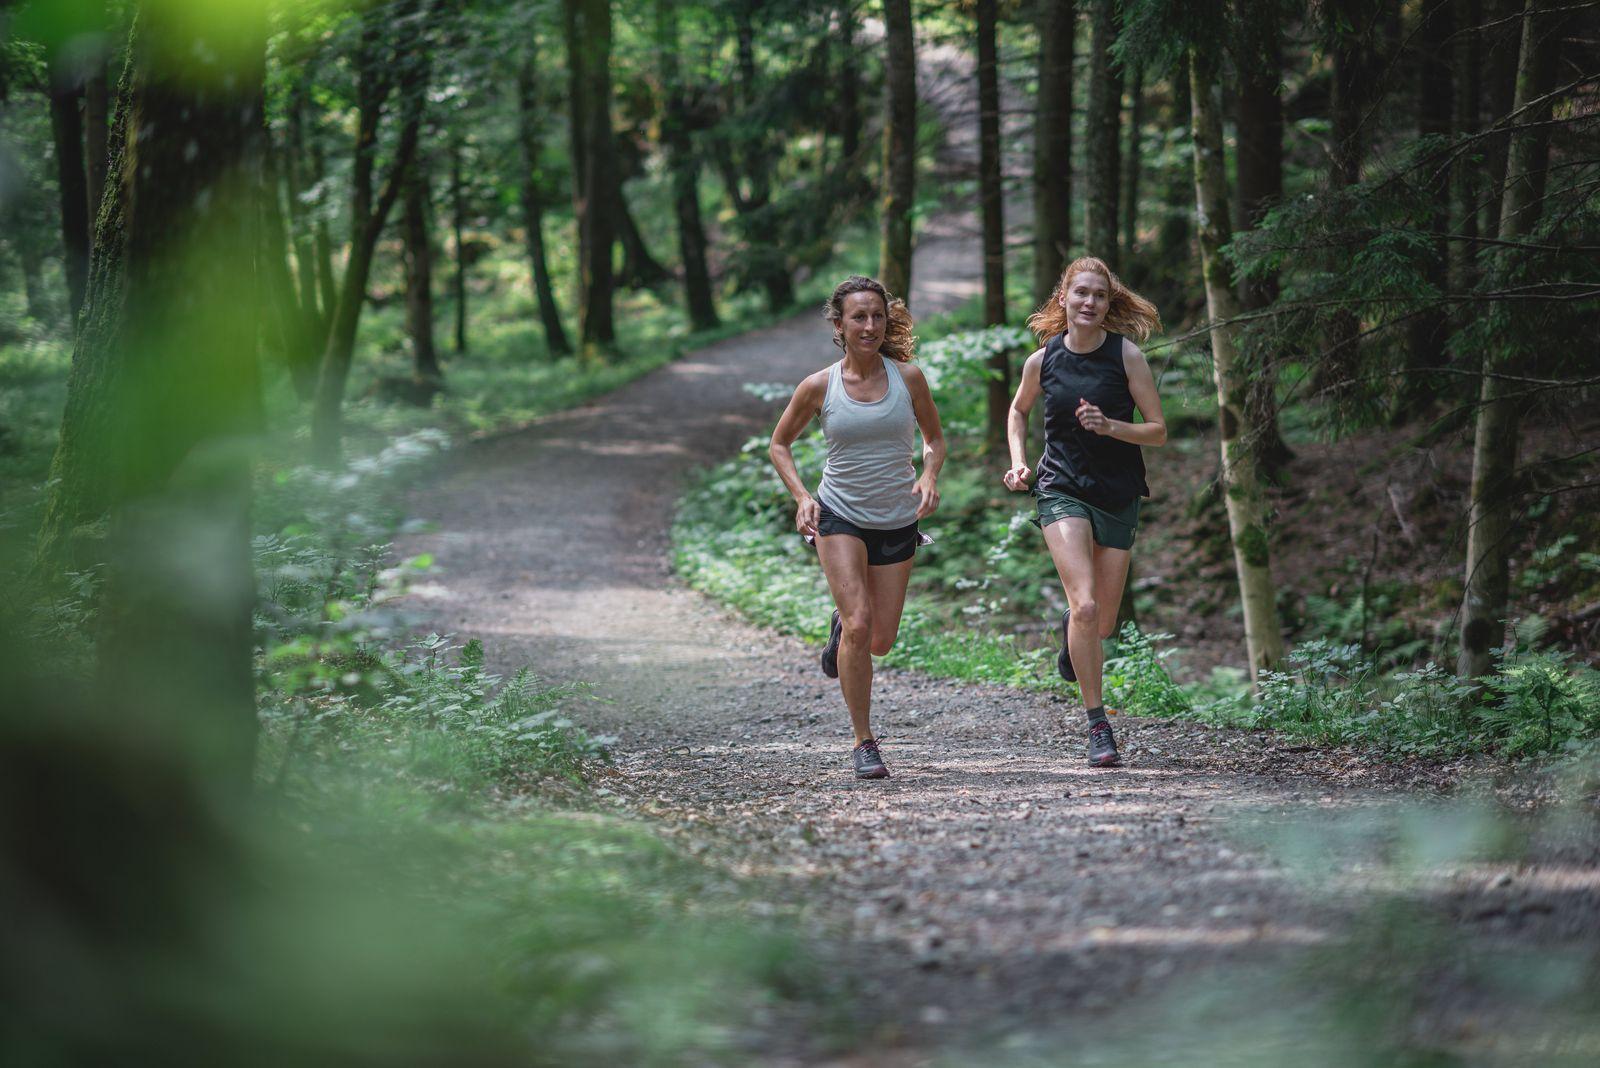 Weg vom Asphalt: Trail-Running fordert Läufer heraus